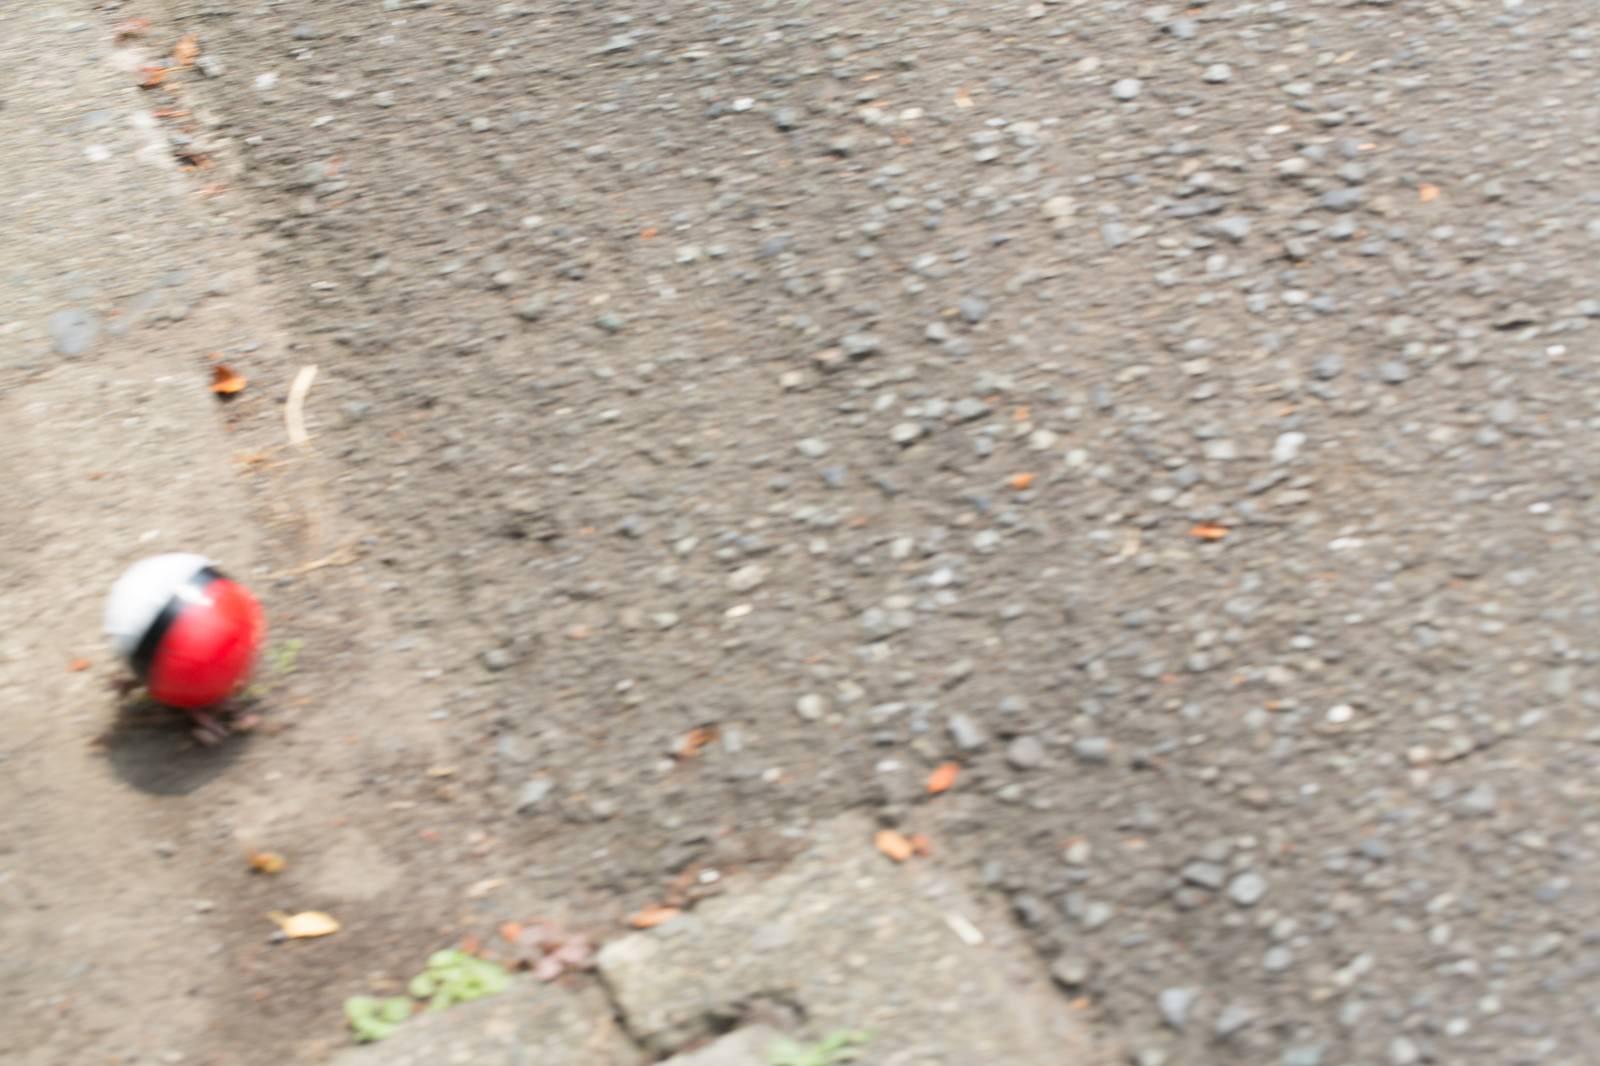 「道端に転がる紅白ボールをゲット」の写真